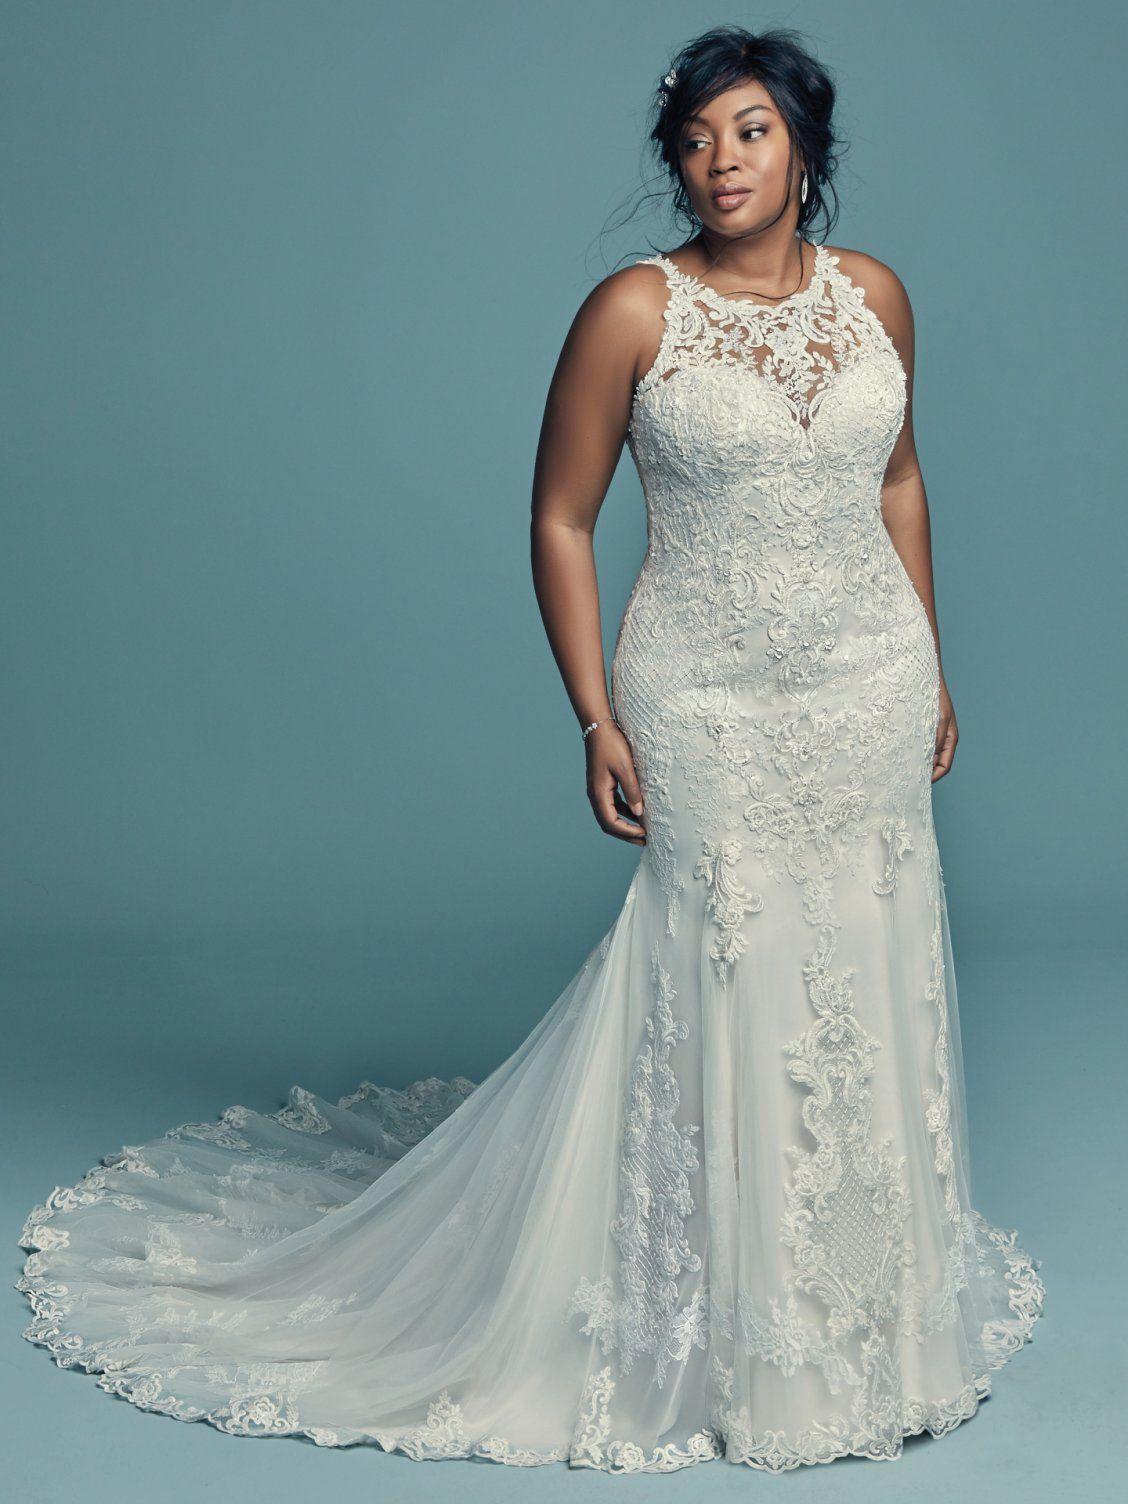 Maggie Sottero Wedding Dresses | De novia, Novios y Vestidos novia